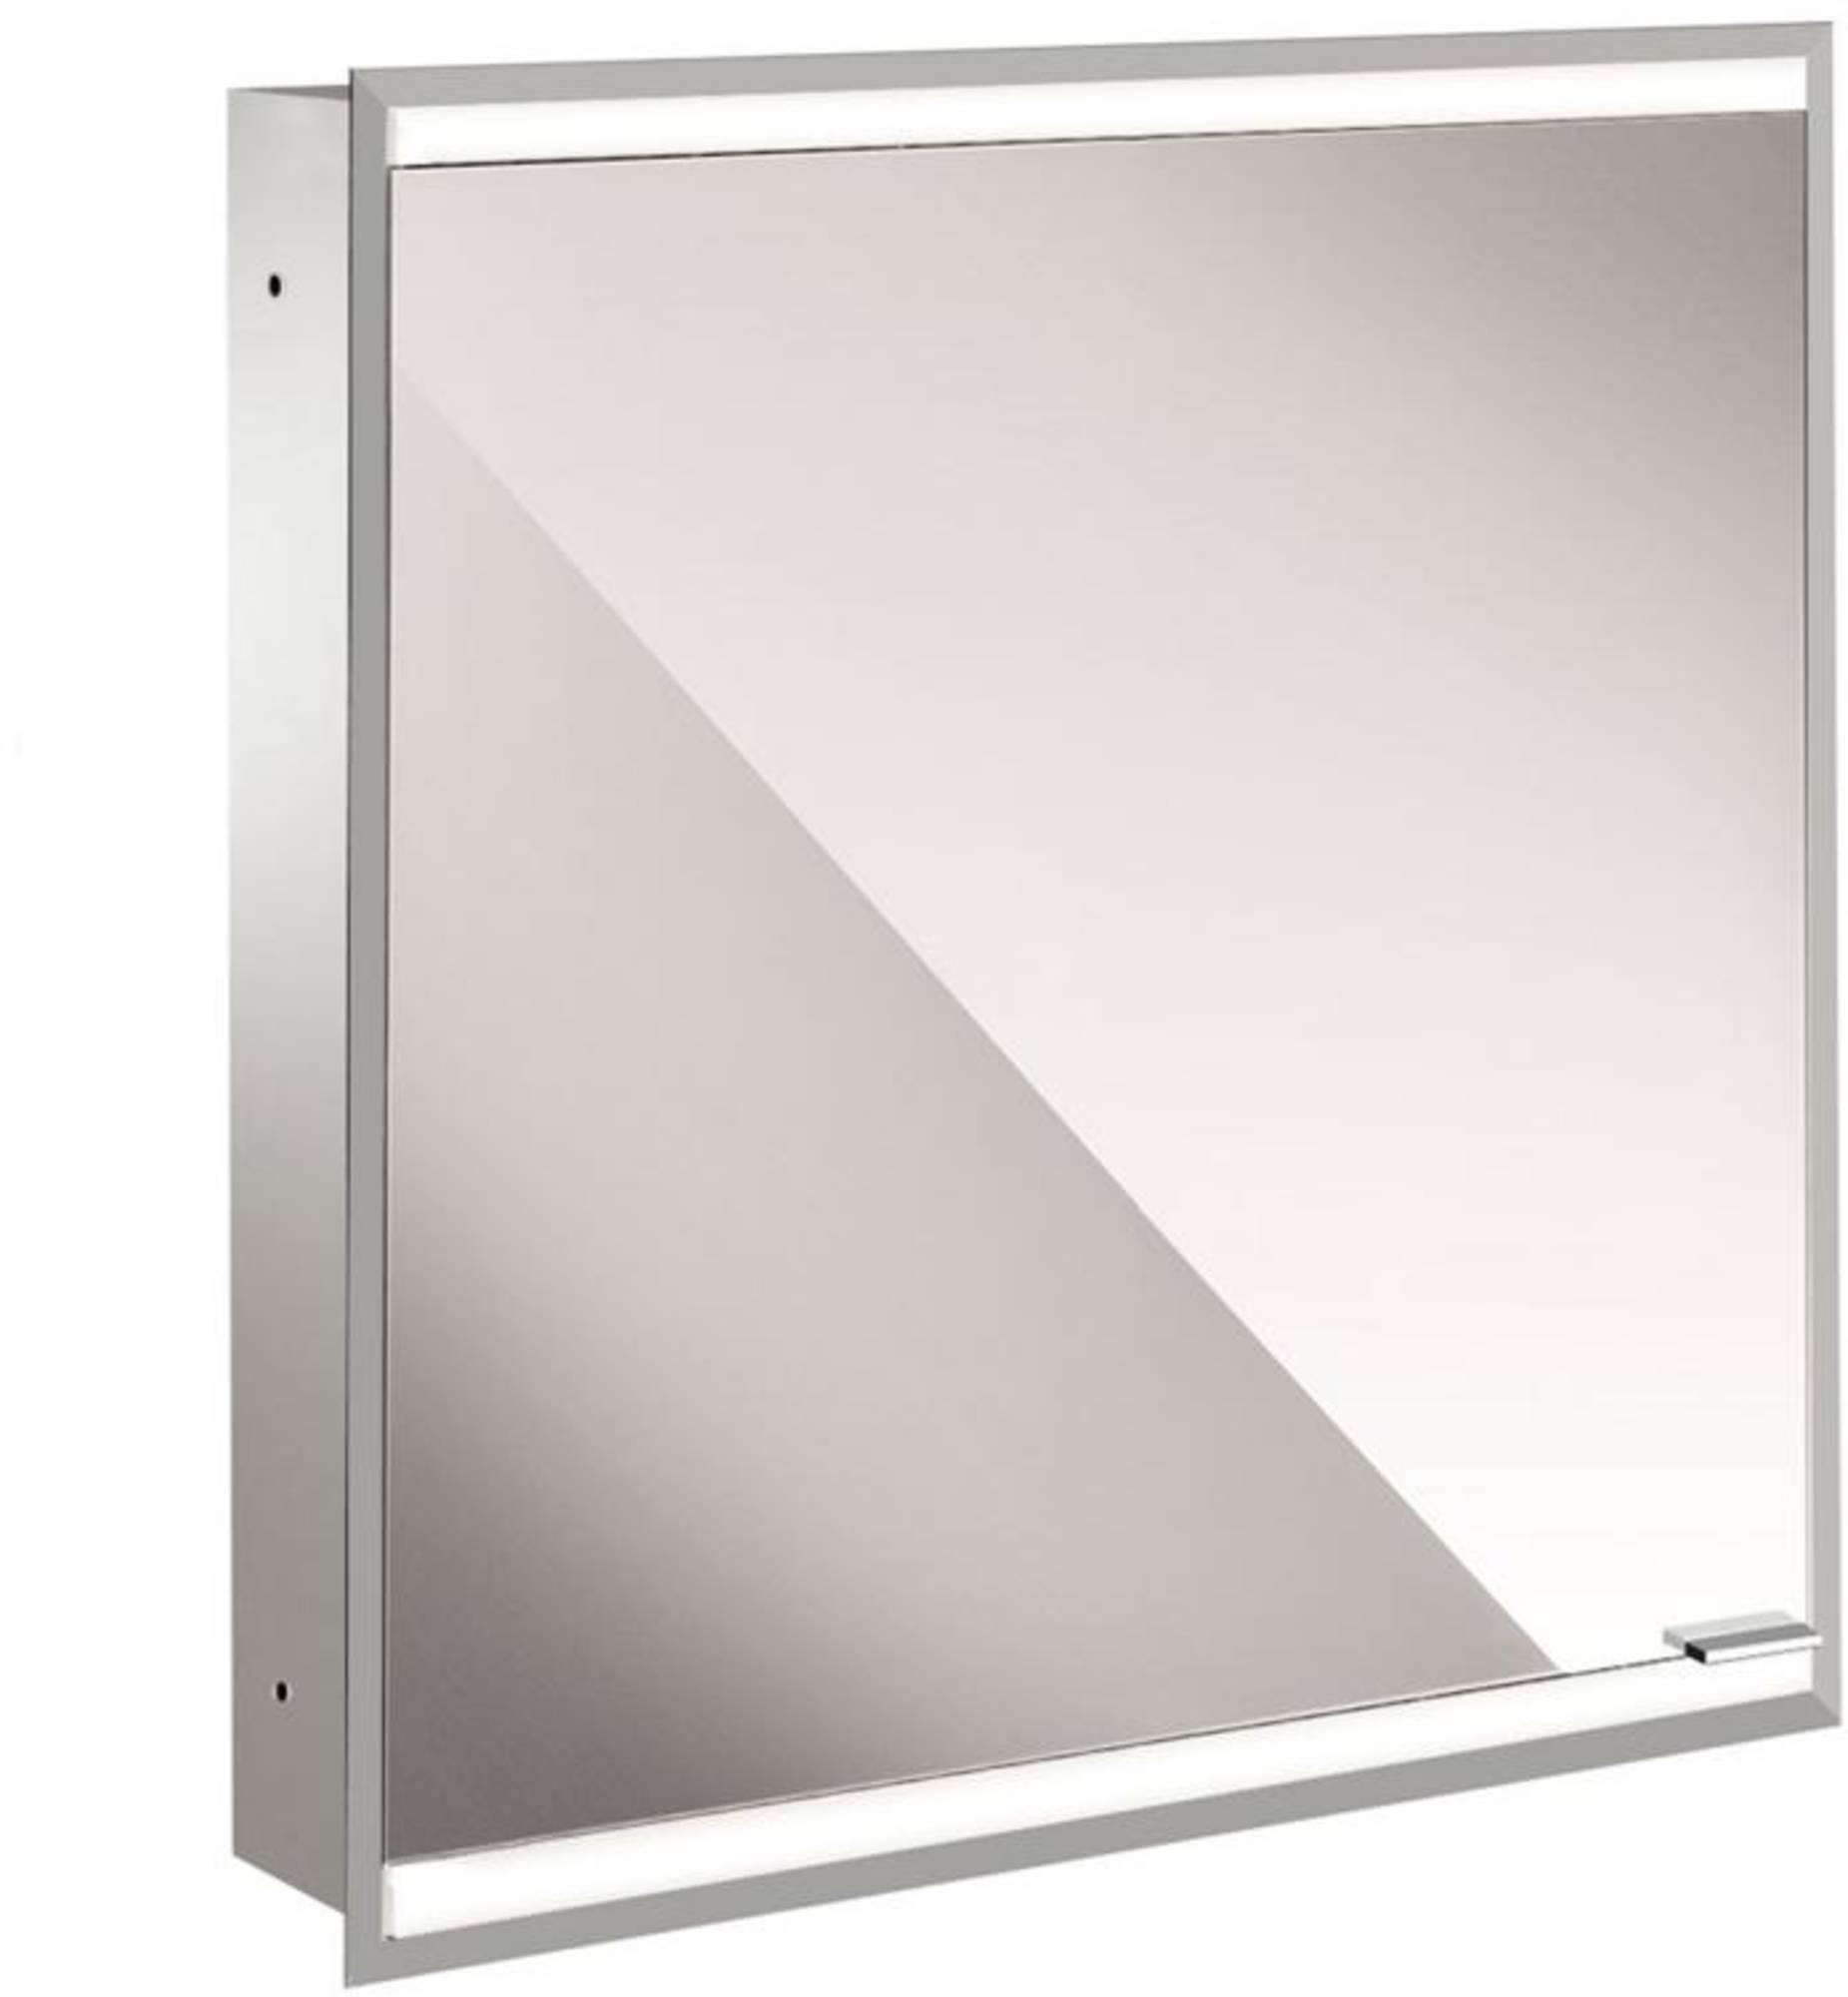 Inbouw spiegelkast